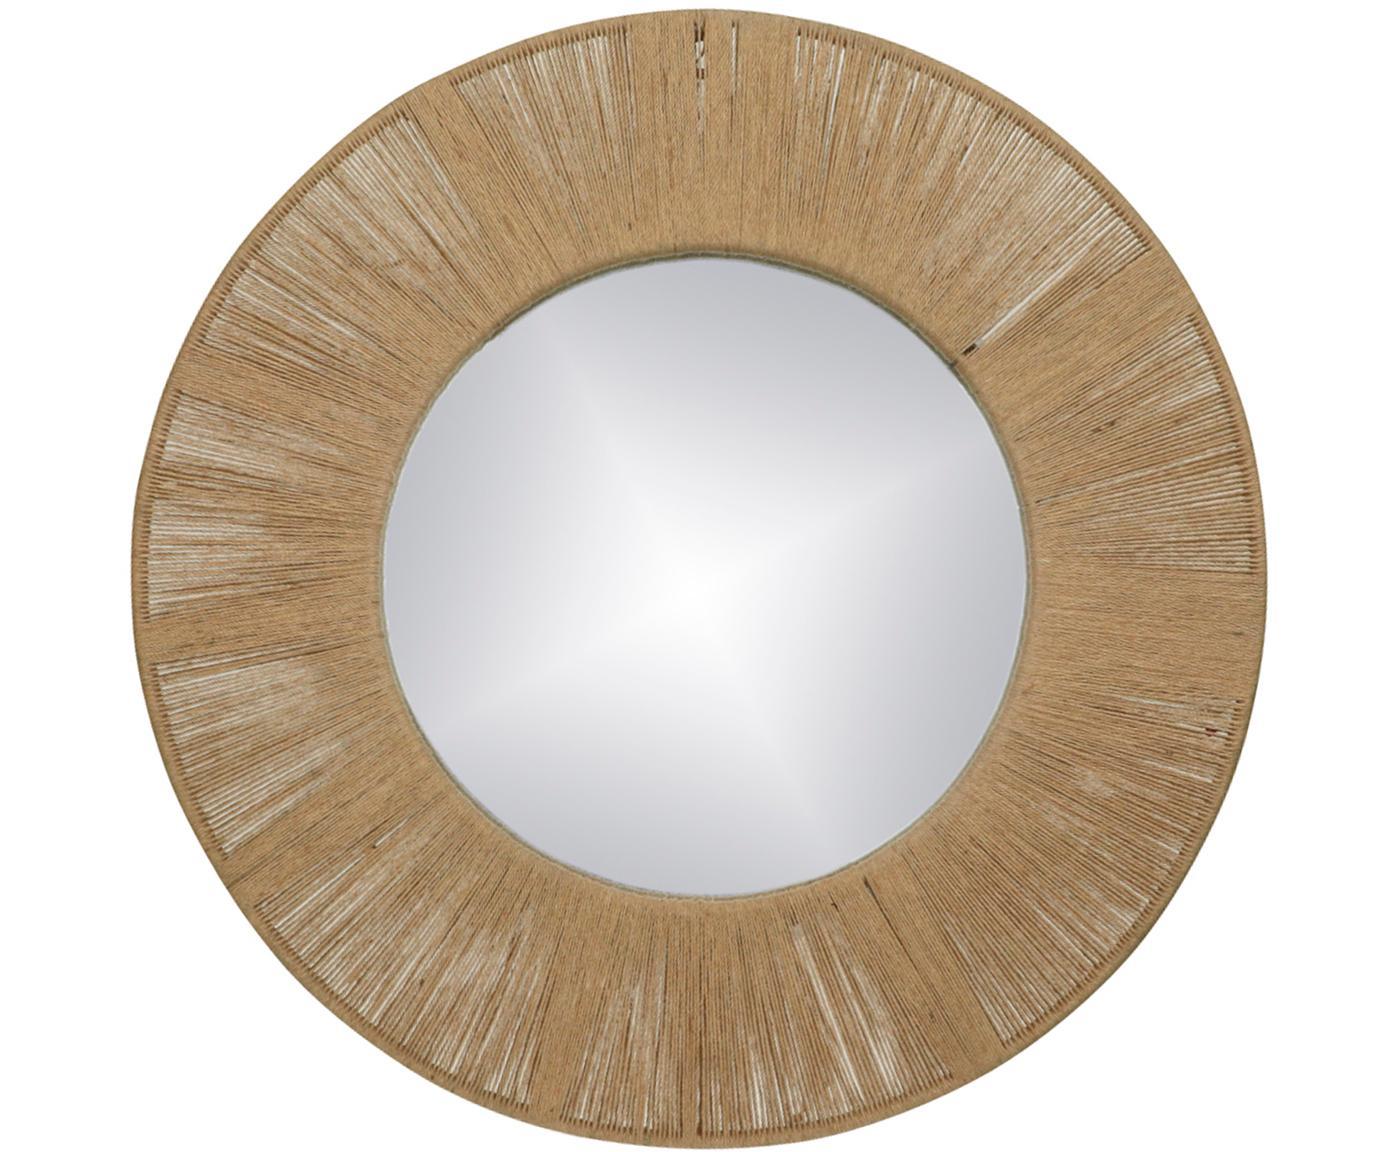 Ronde wandspiegel Finesse, Frame: metaal, natuurlijke vezel, Bruin, Ø 50 cm